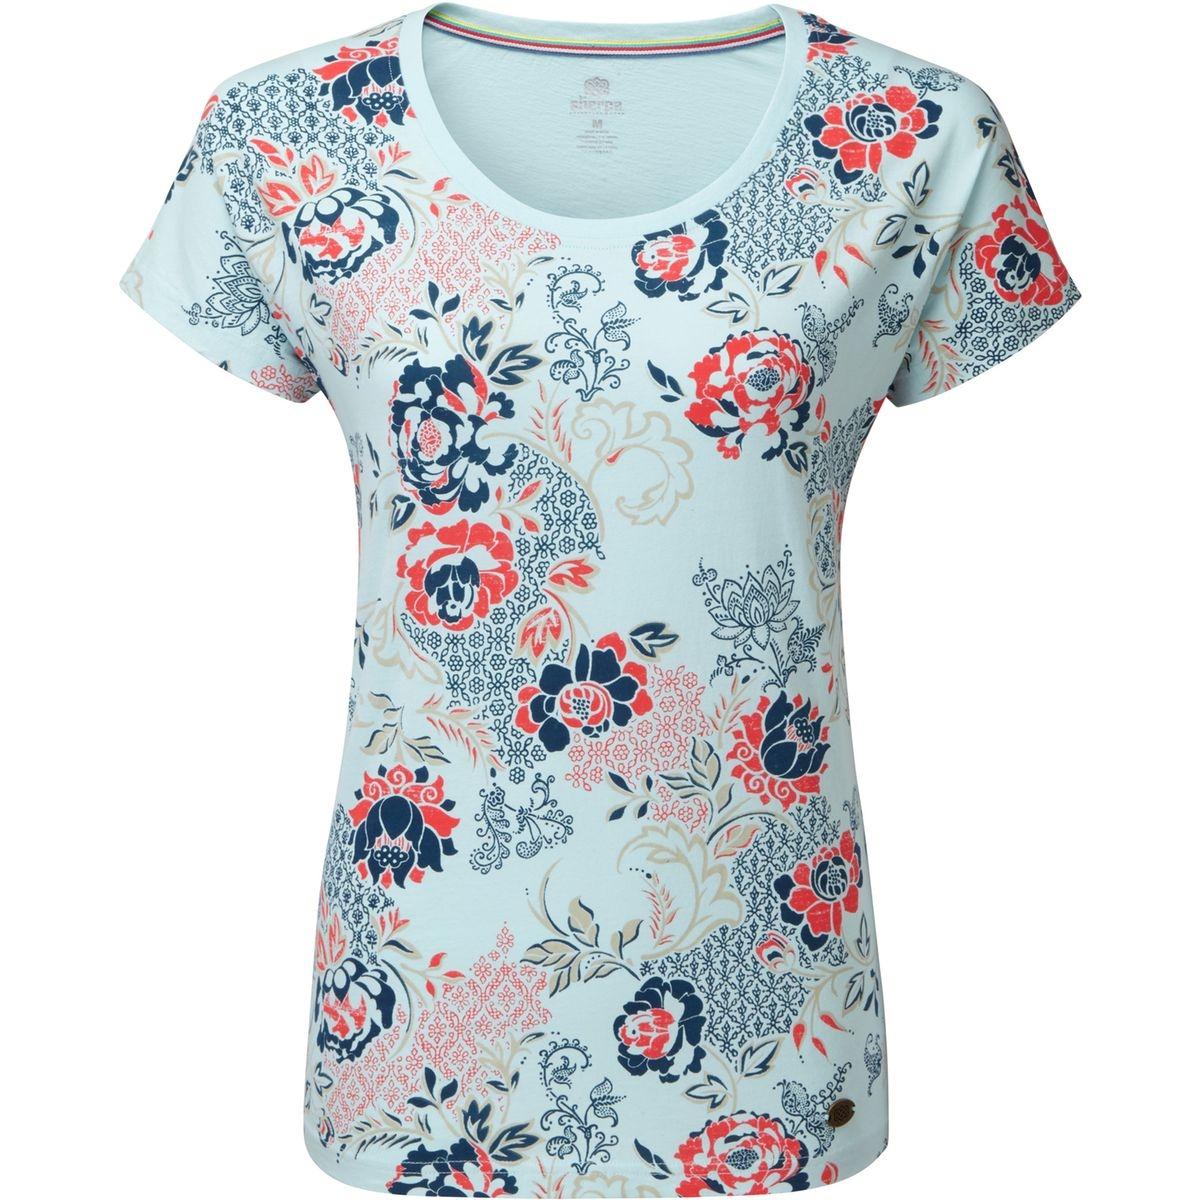 Meytho - T-shirt manches courtes Femme - bleu/Multicolore